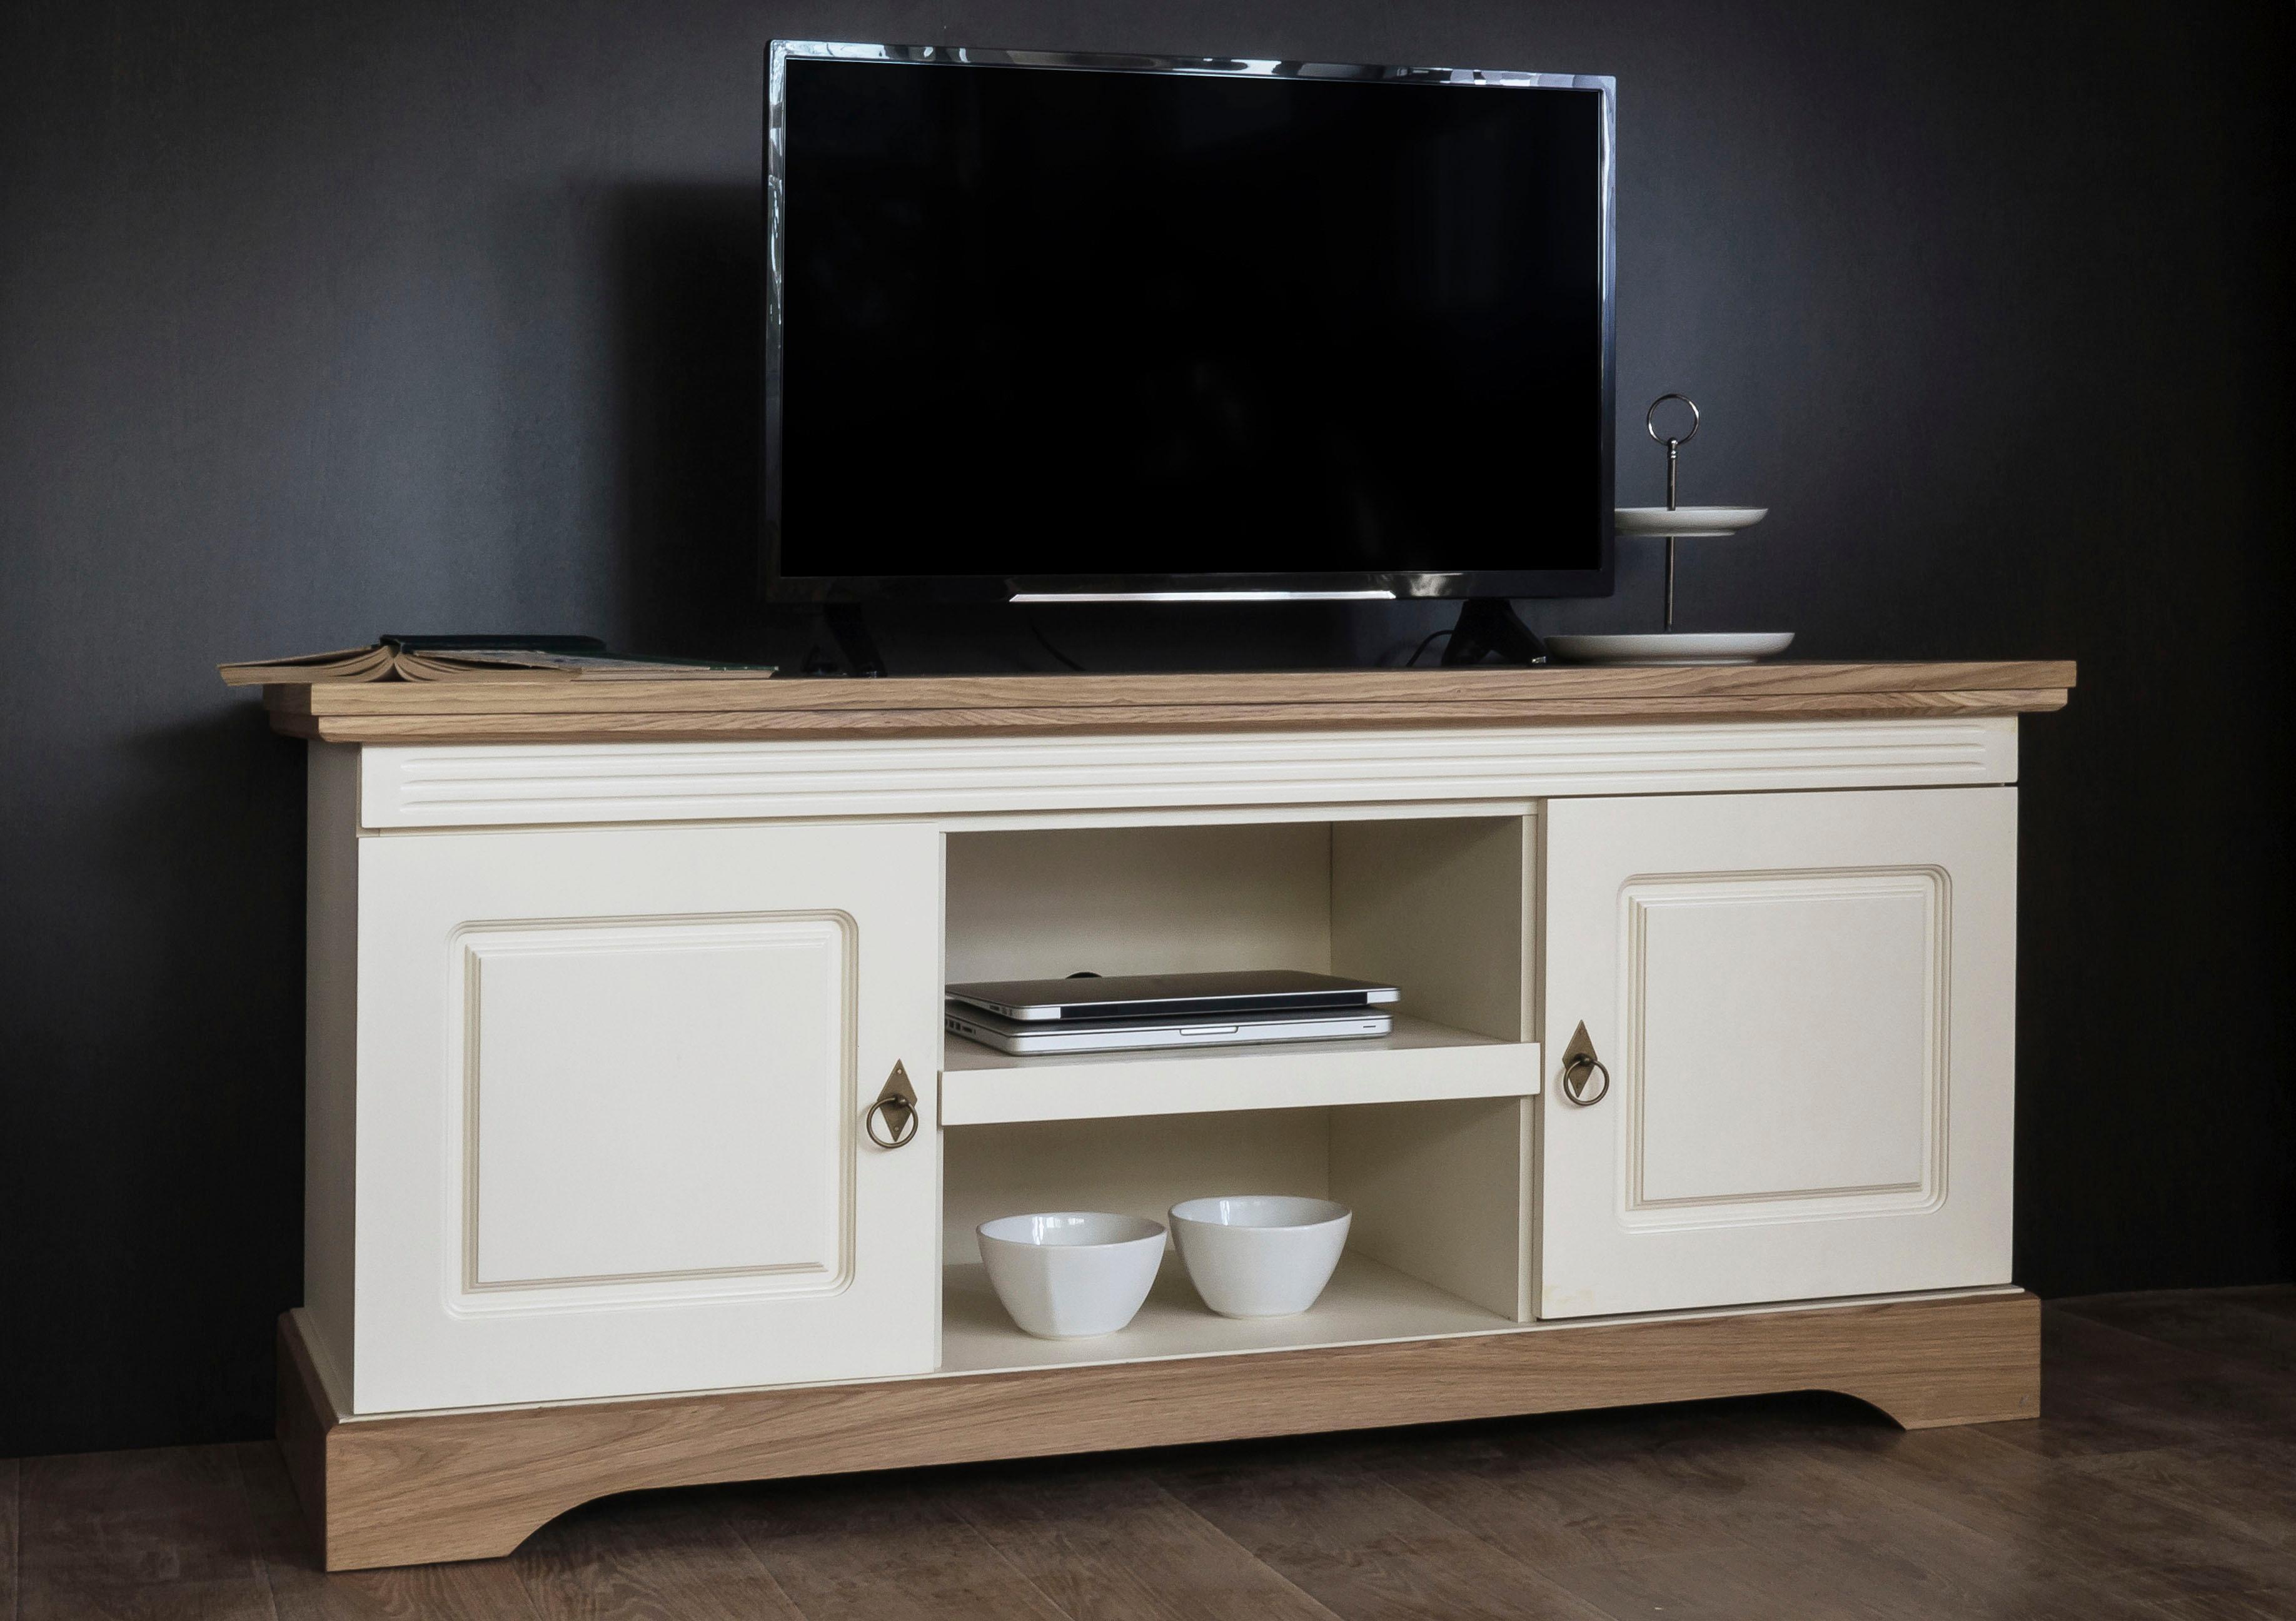 Home affaire TV-Lowboard Provence Breite 141 cm